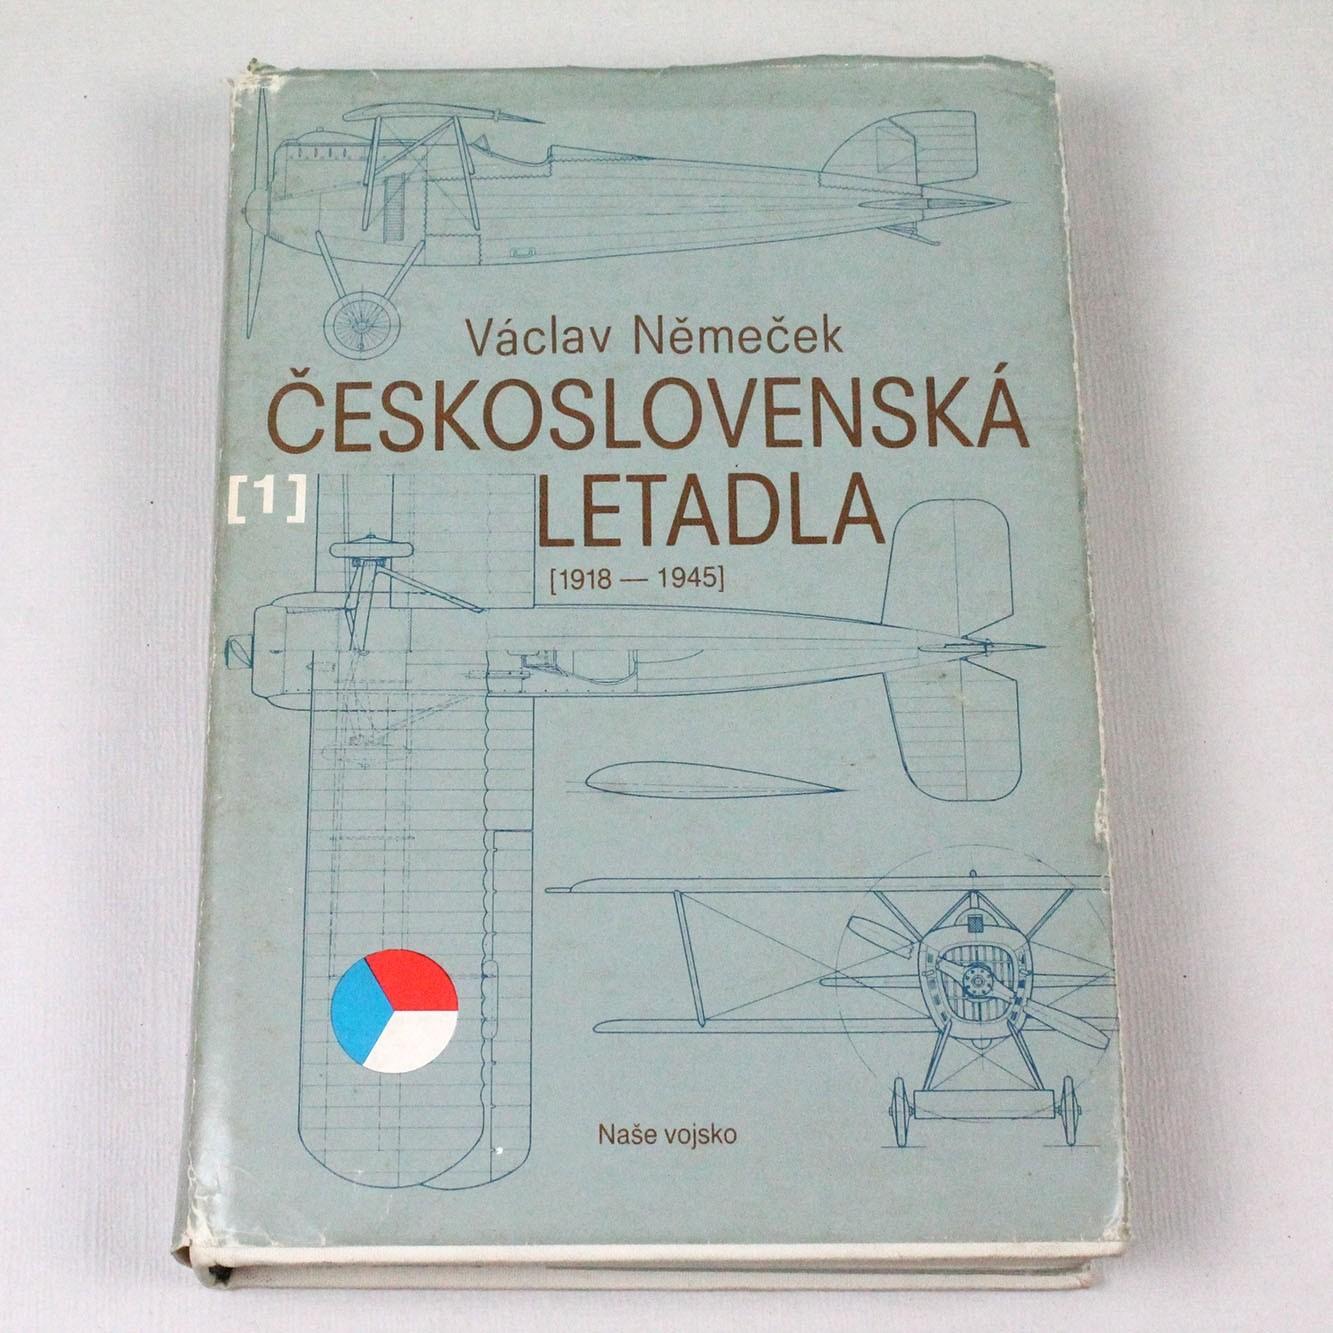 LIBCZ-CESKOLOVENSKÁ LETADLA 1918-1945